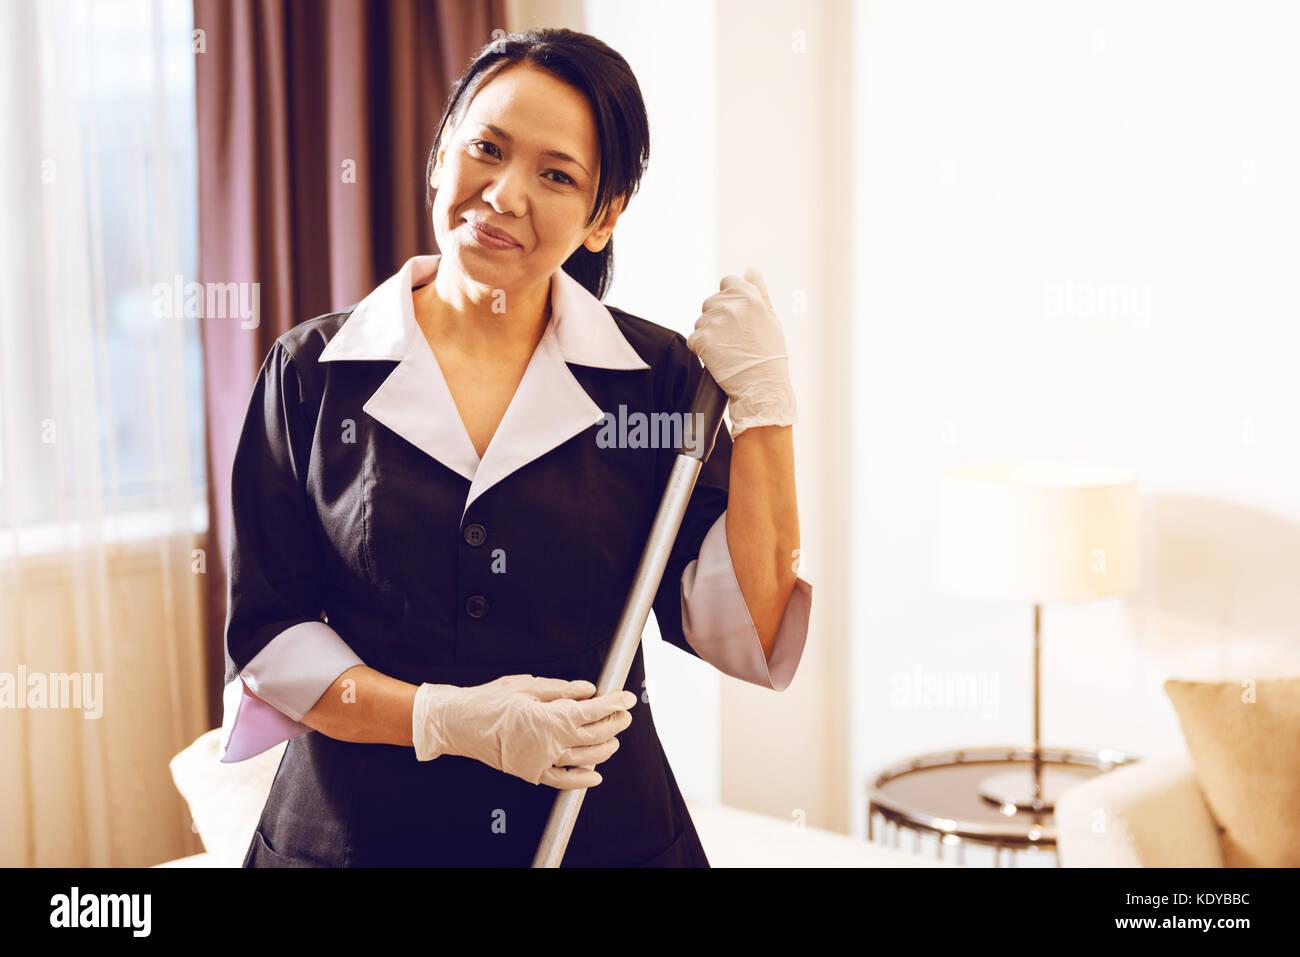 Encantadora camarera extranjera expresando positividad Imagen De Stock